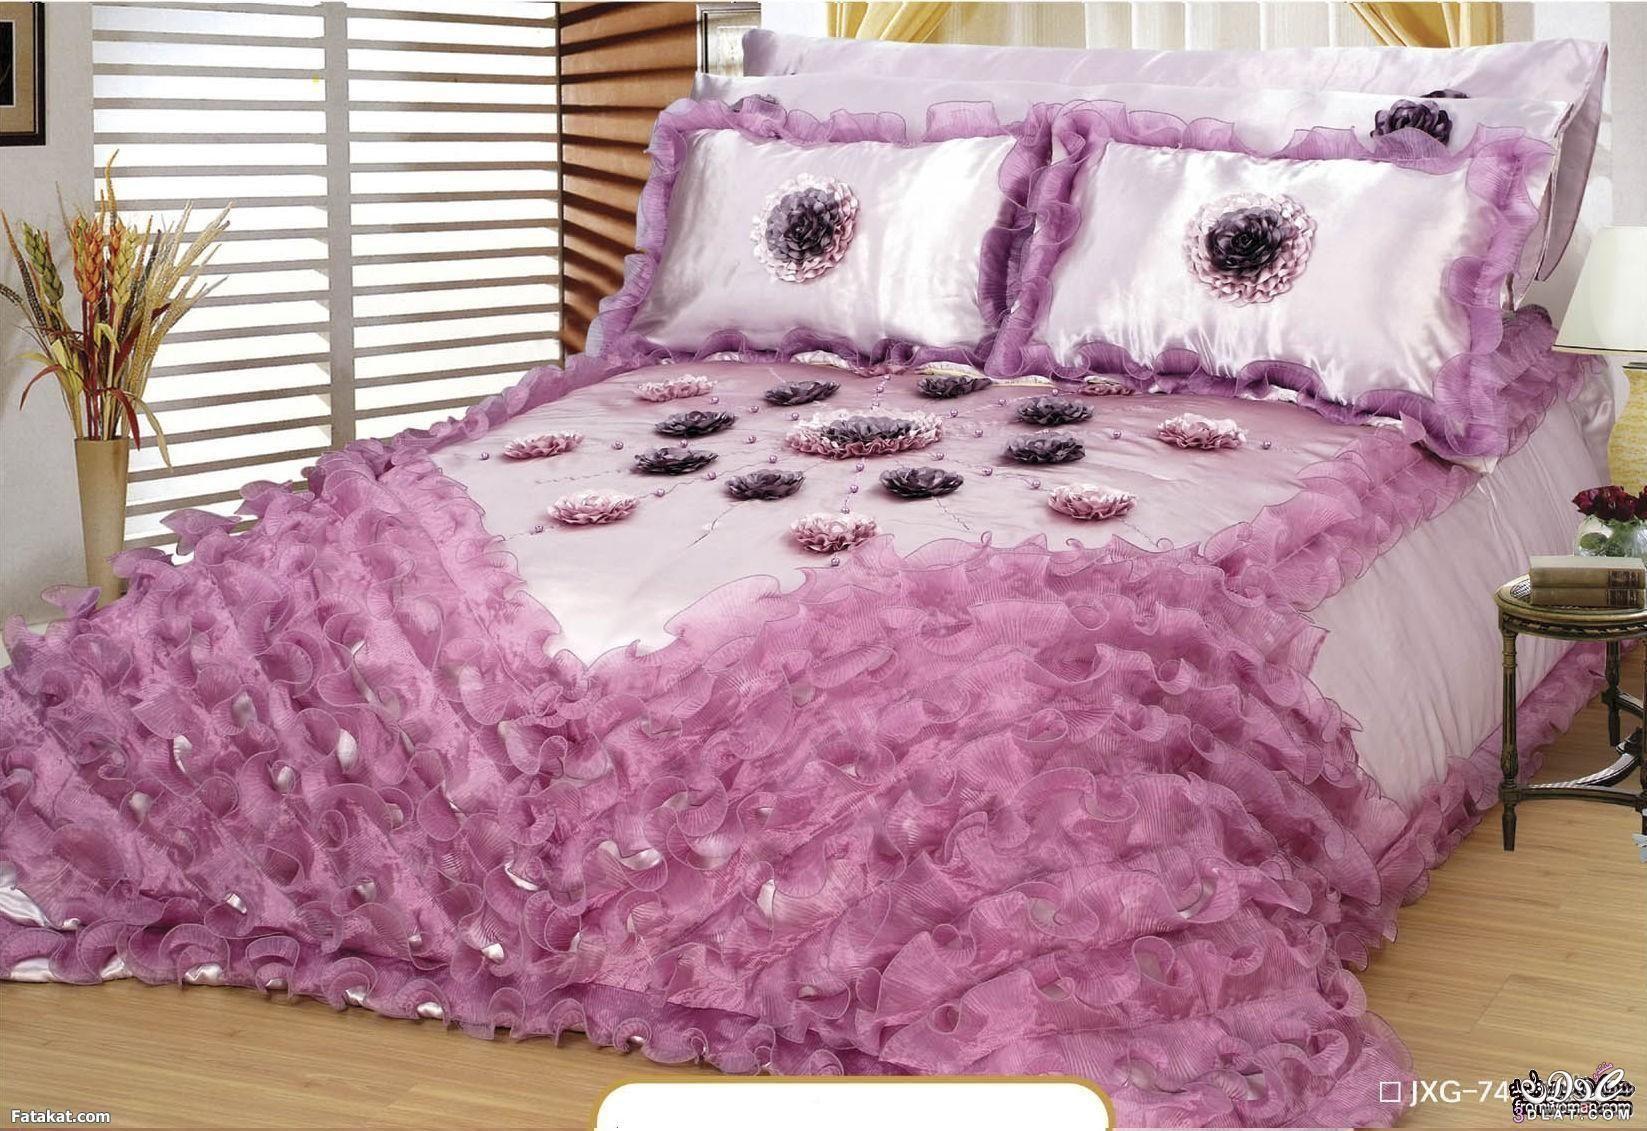 مفارش سرير تركى 2019 بالصور أحدث موديلات المفارش التركي للعرائس شيك جدا King Size Bed Sheets Designer Bed Sheets Luxury Bedding Sets